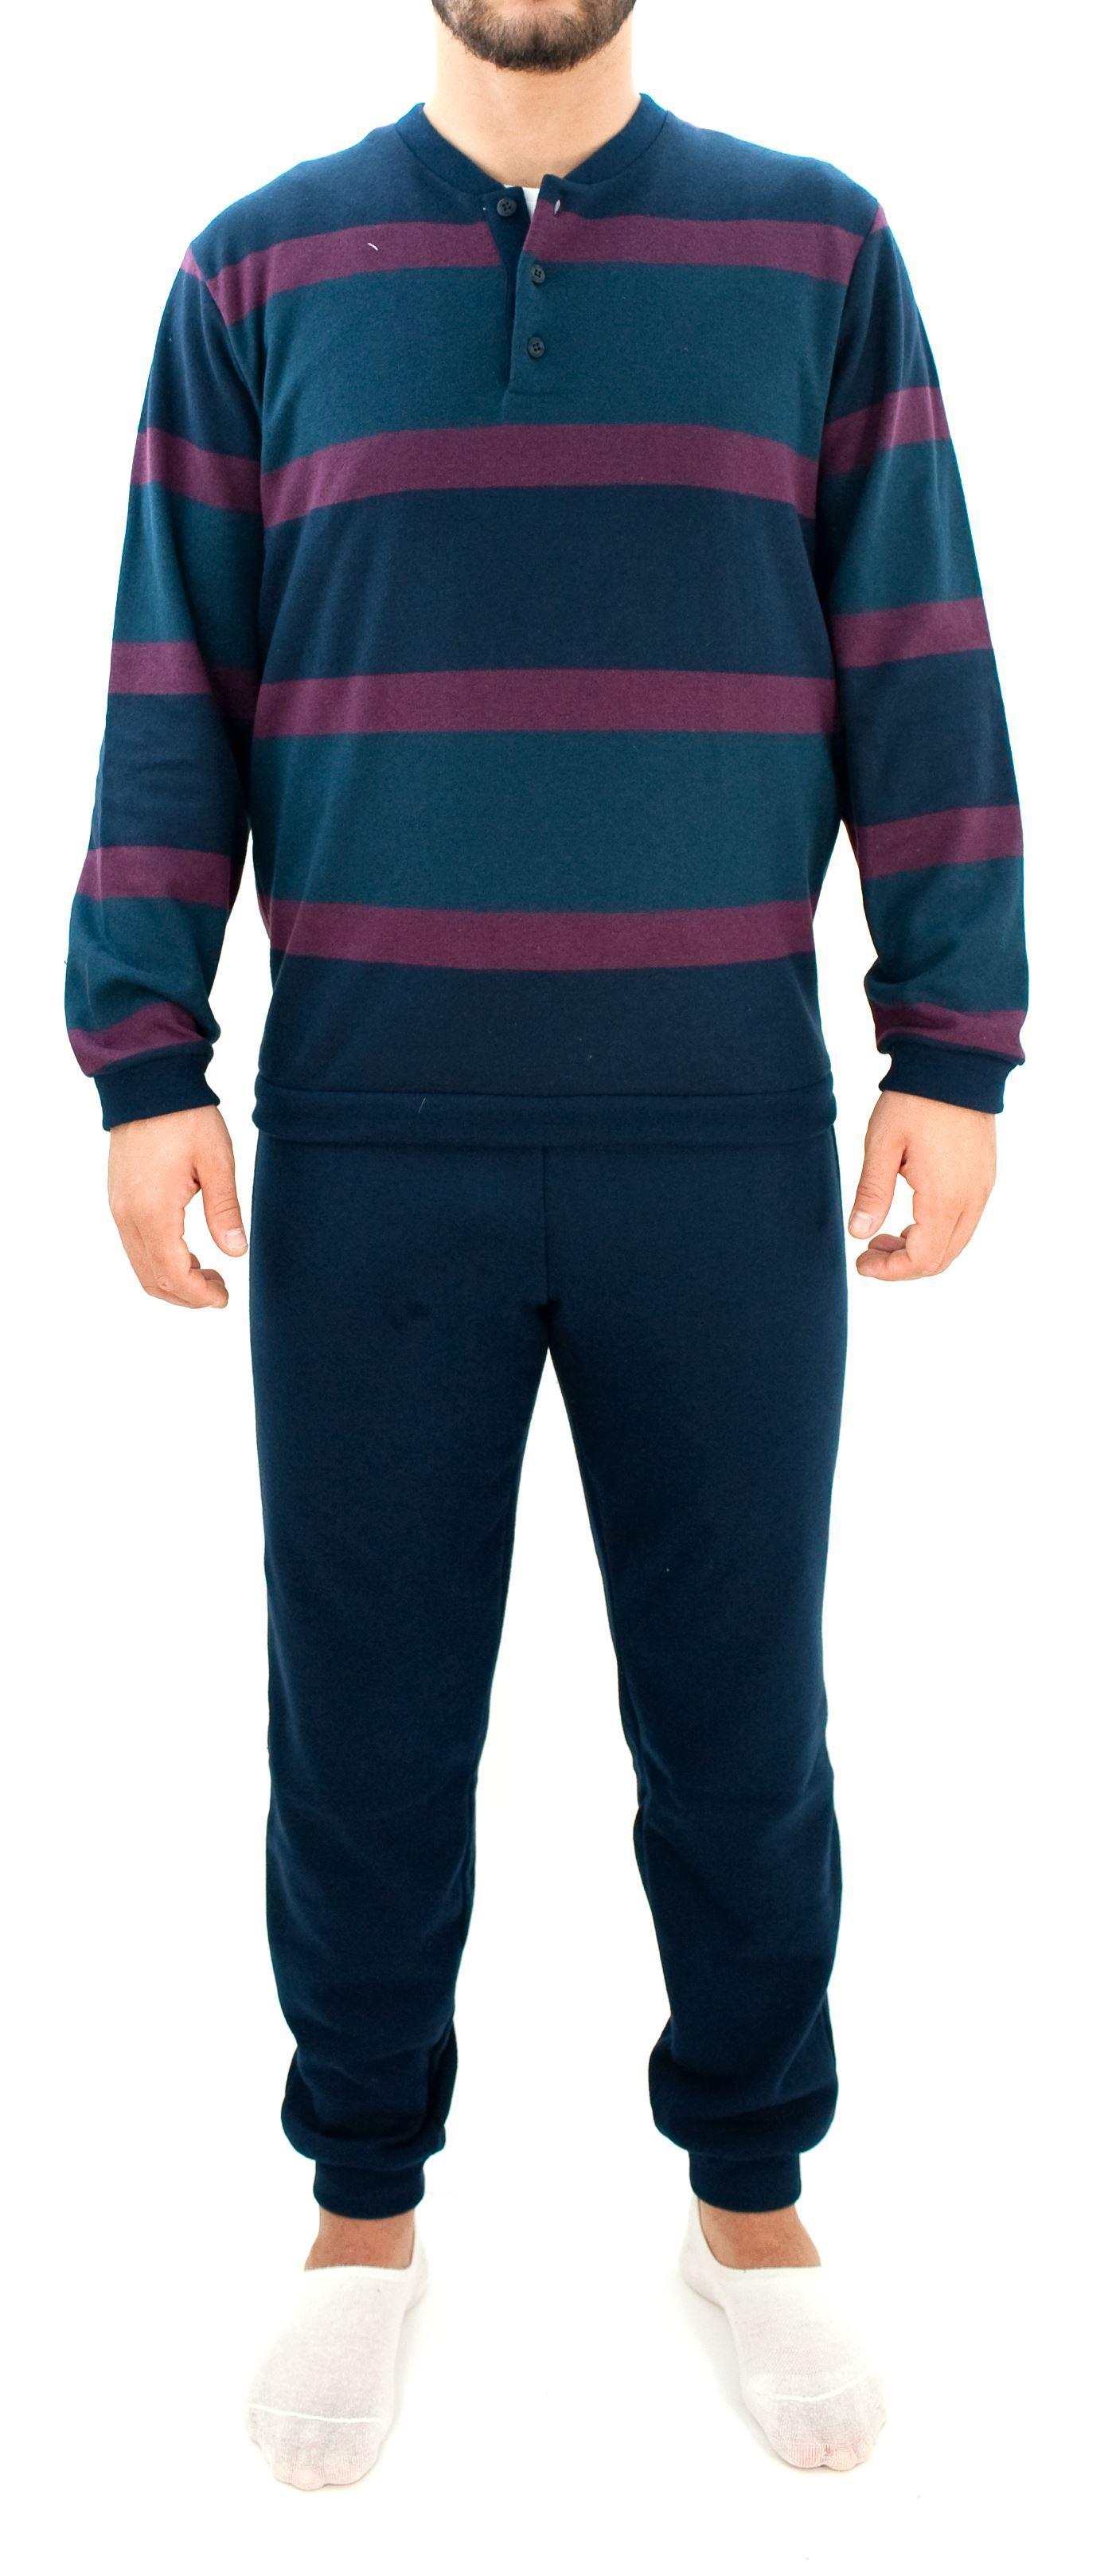 Picture of Men's Fleece pajamas